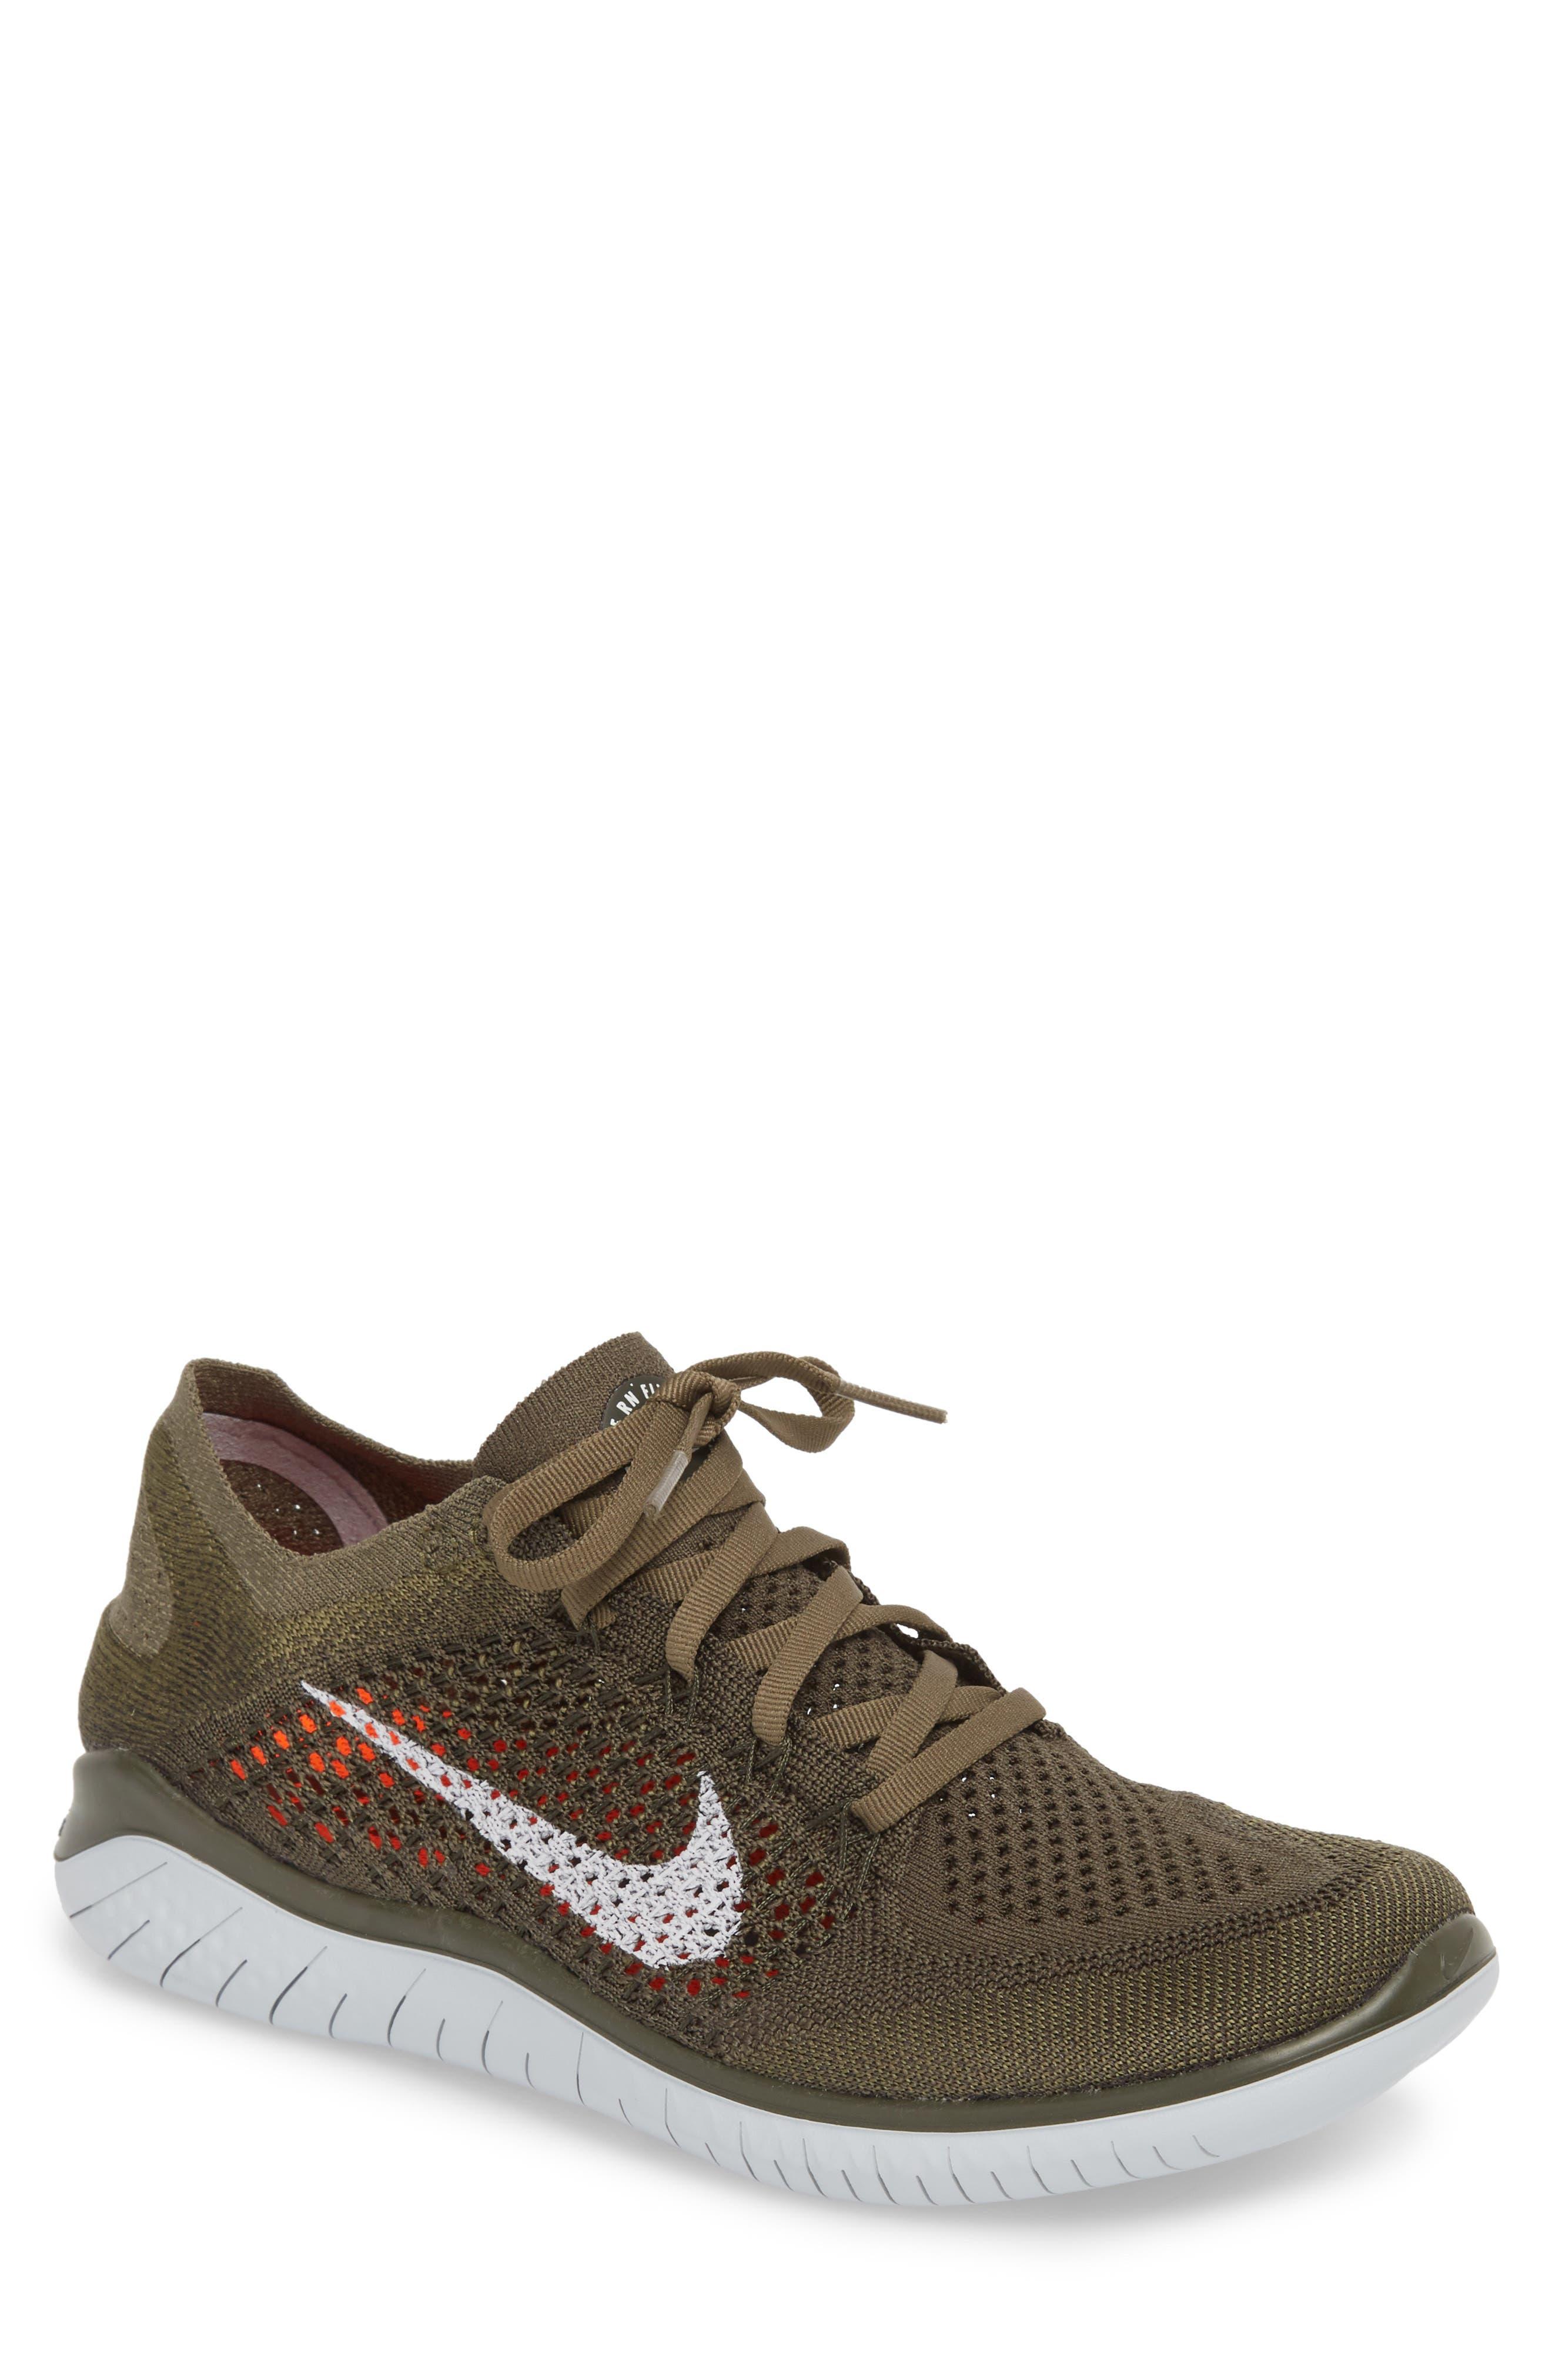 47052cd309ad7 Nike Free Run